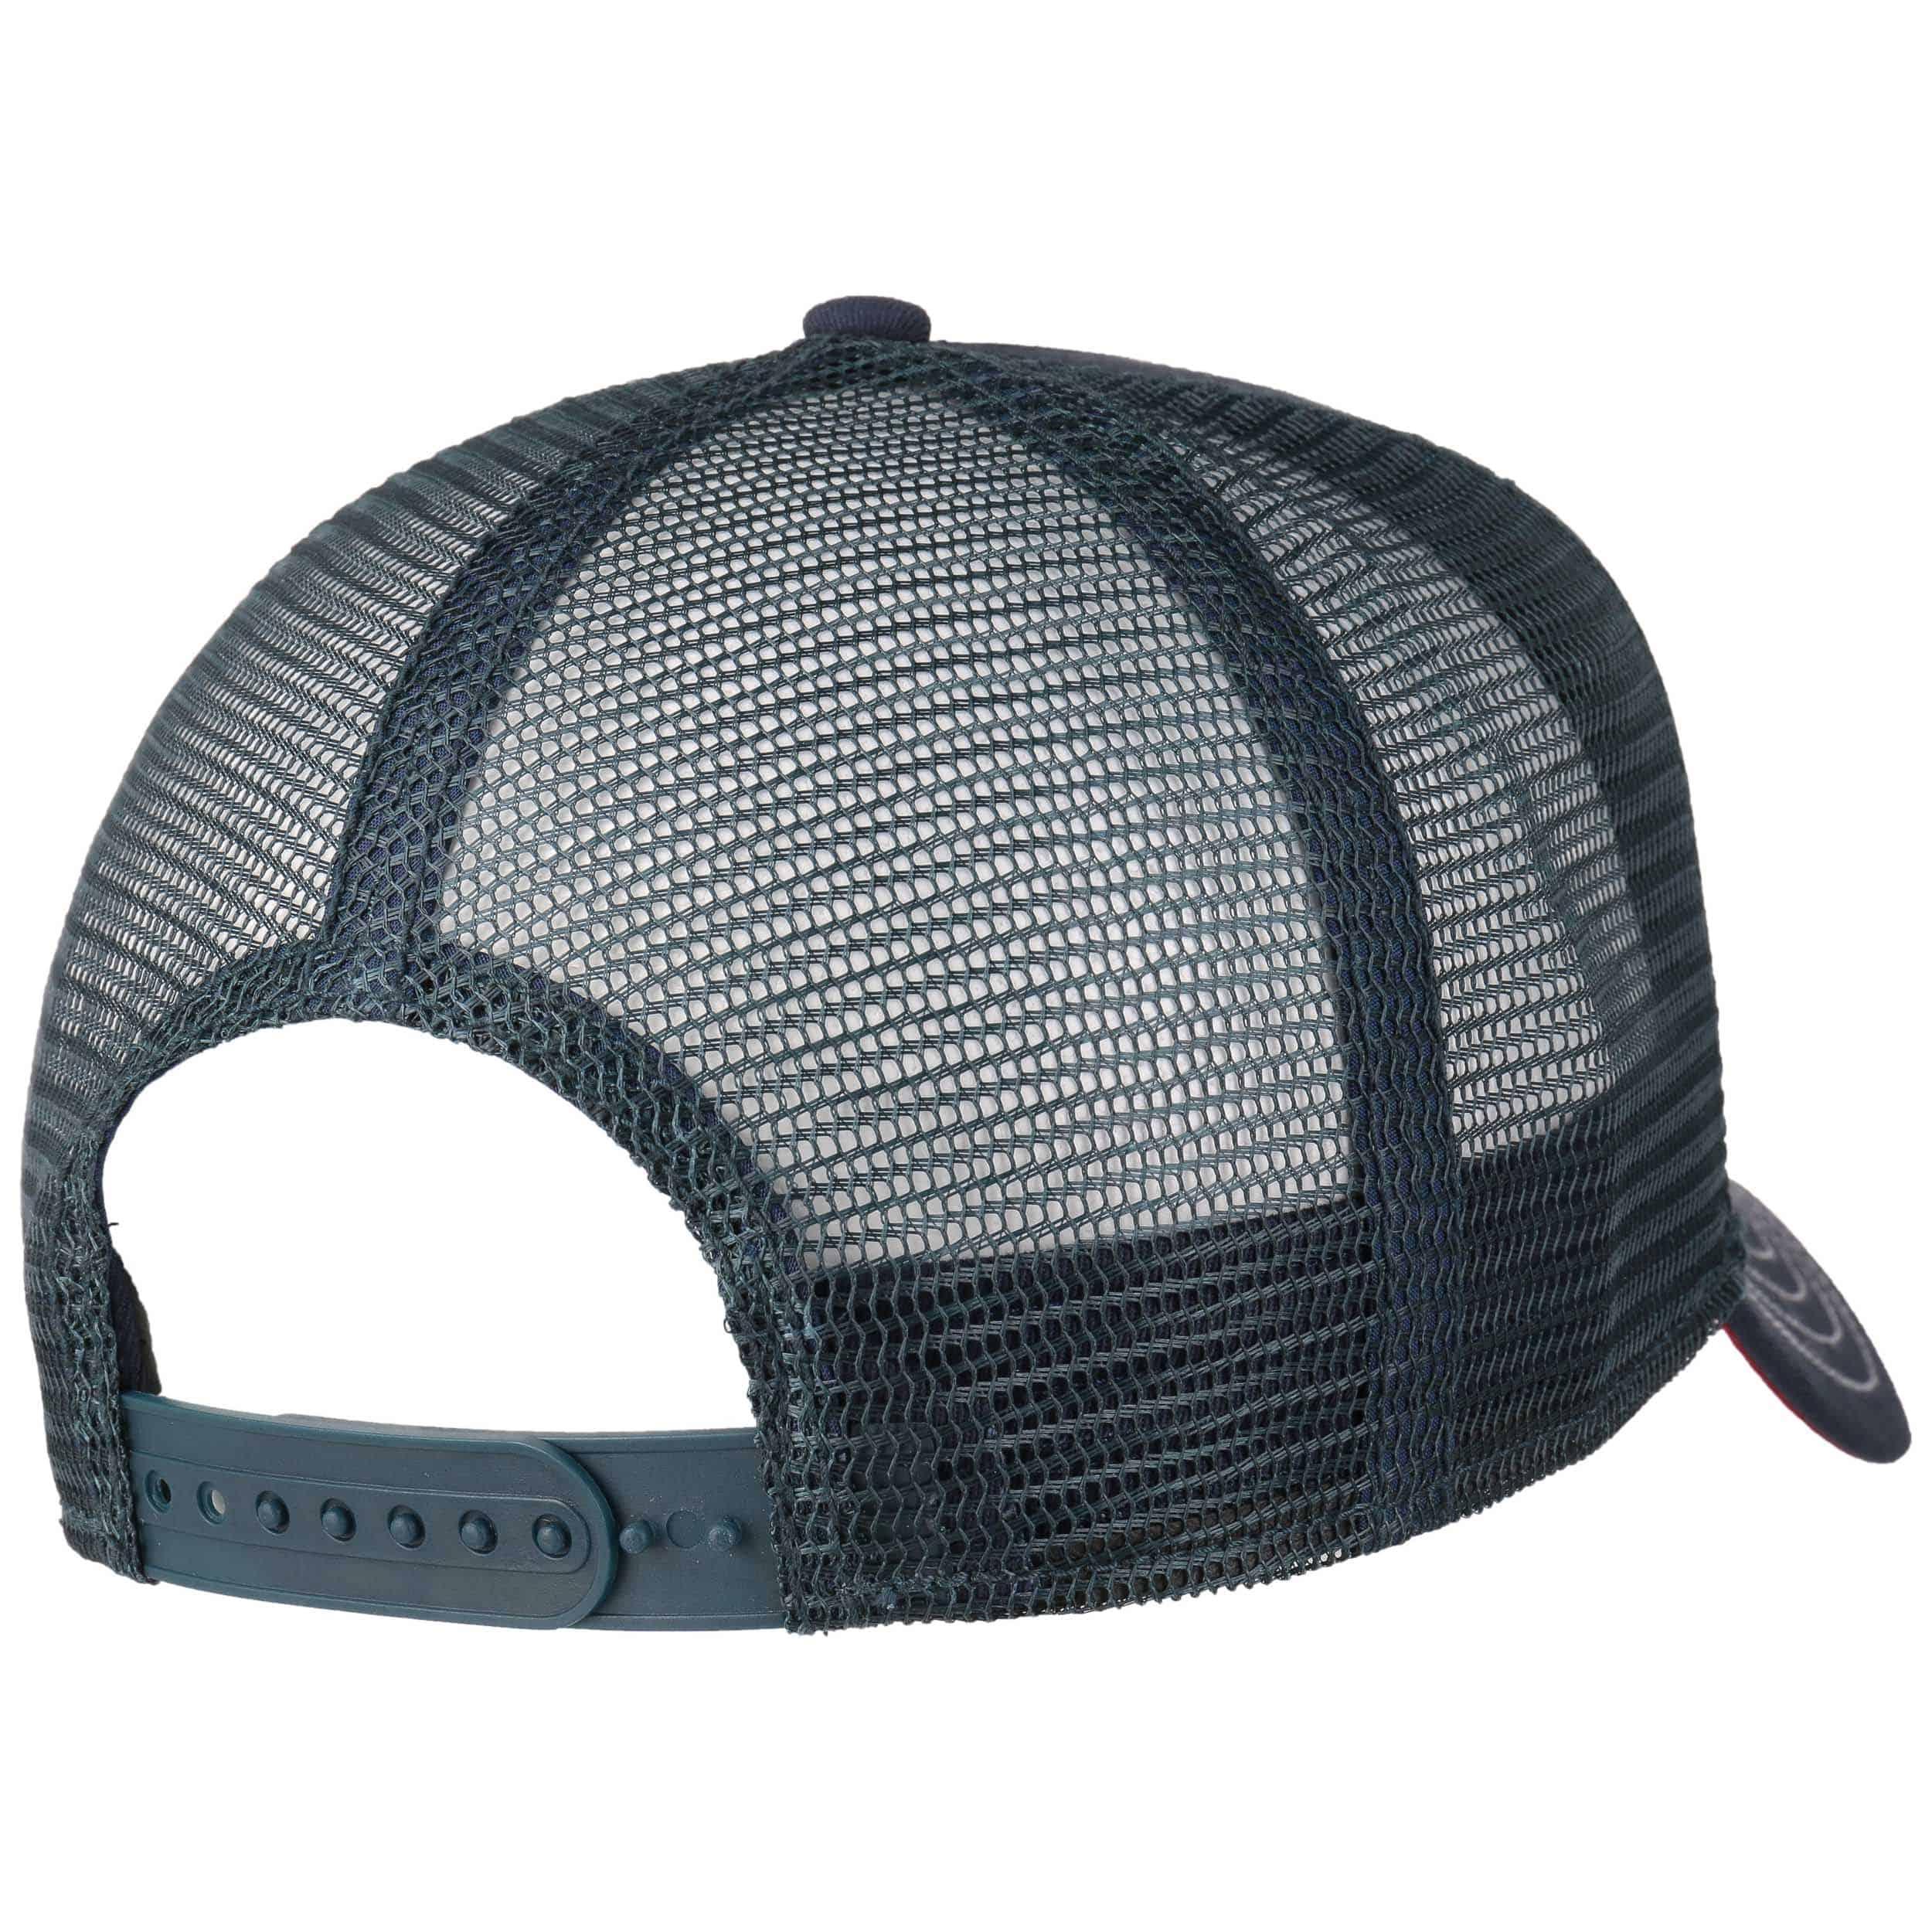 ... Cappellino Trucker Baseball by Stetson - blu scuro 3 ... ea3484ae4759